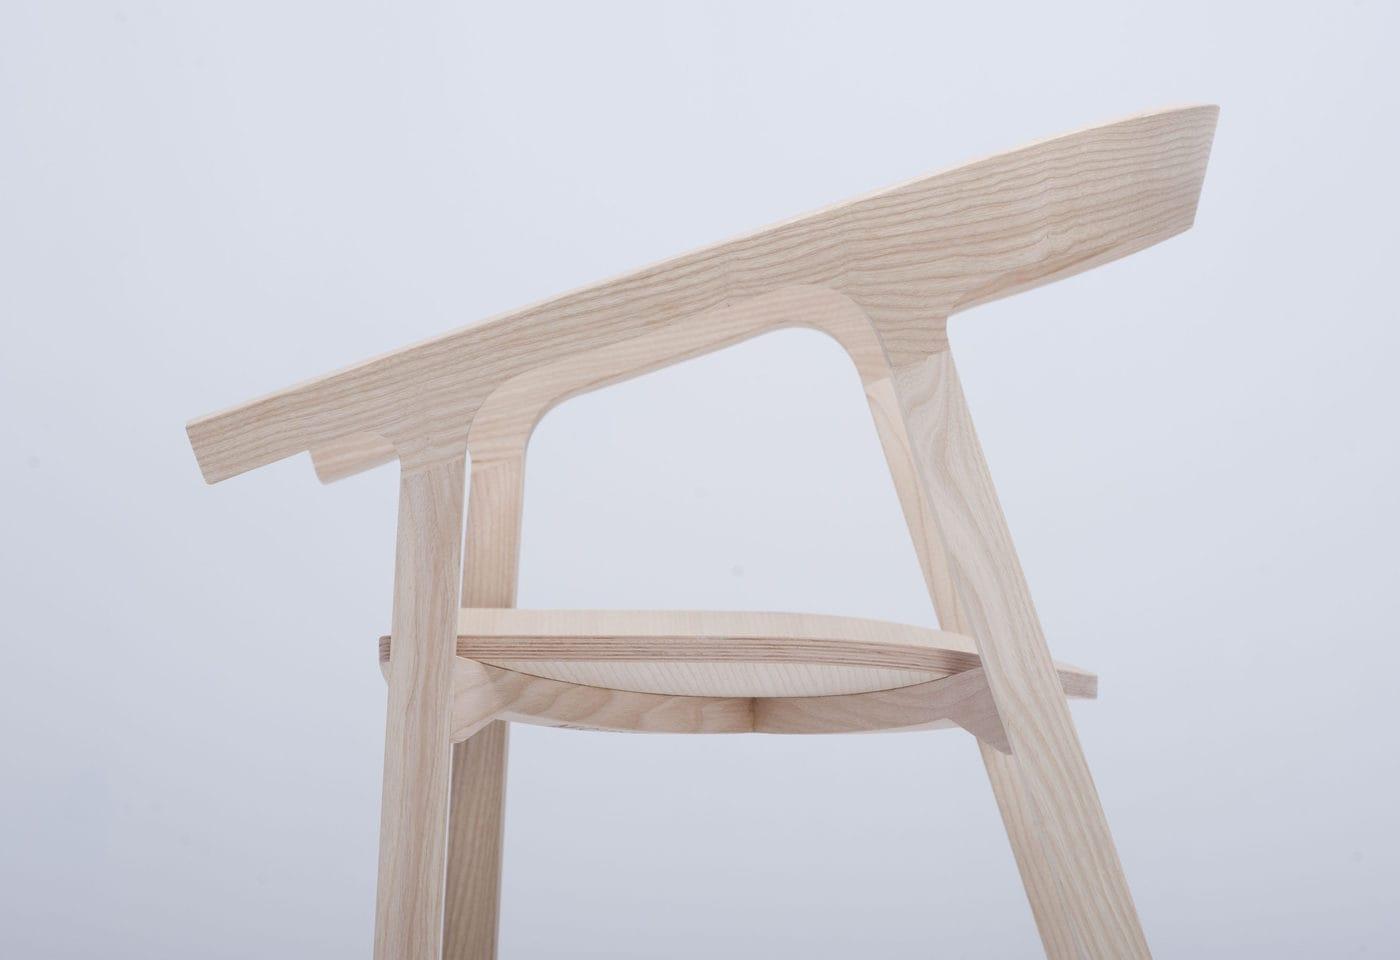 Mc1 He Said Chair By Studio Nitzan Cohen For Mattiazzi